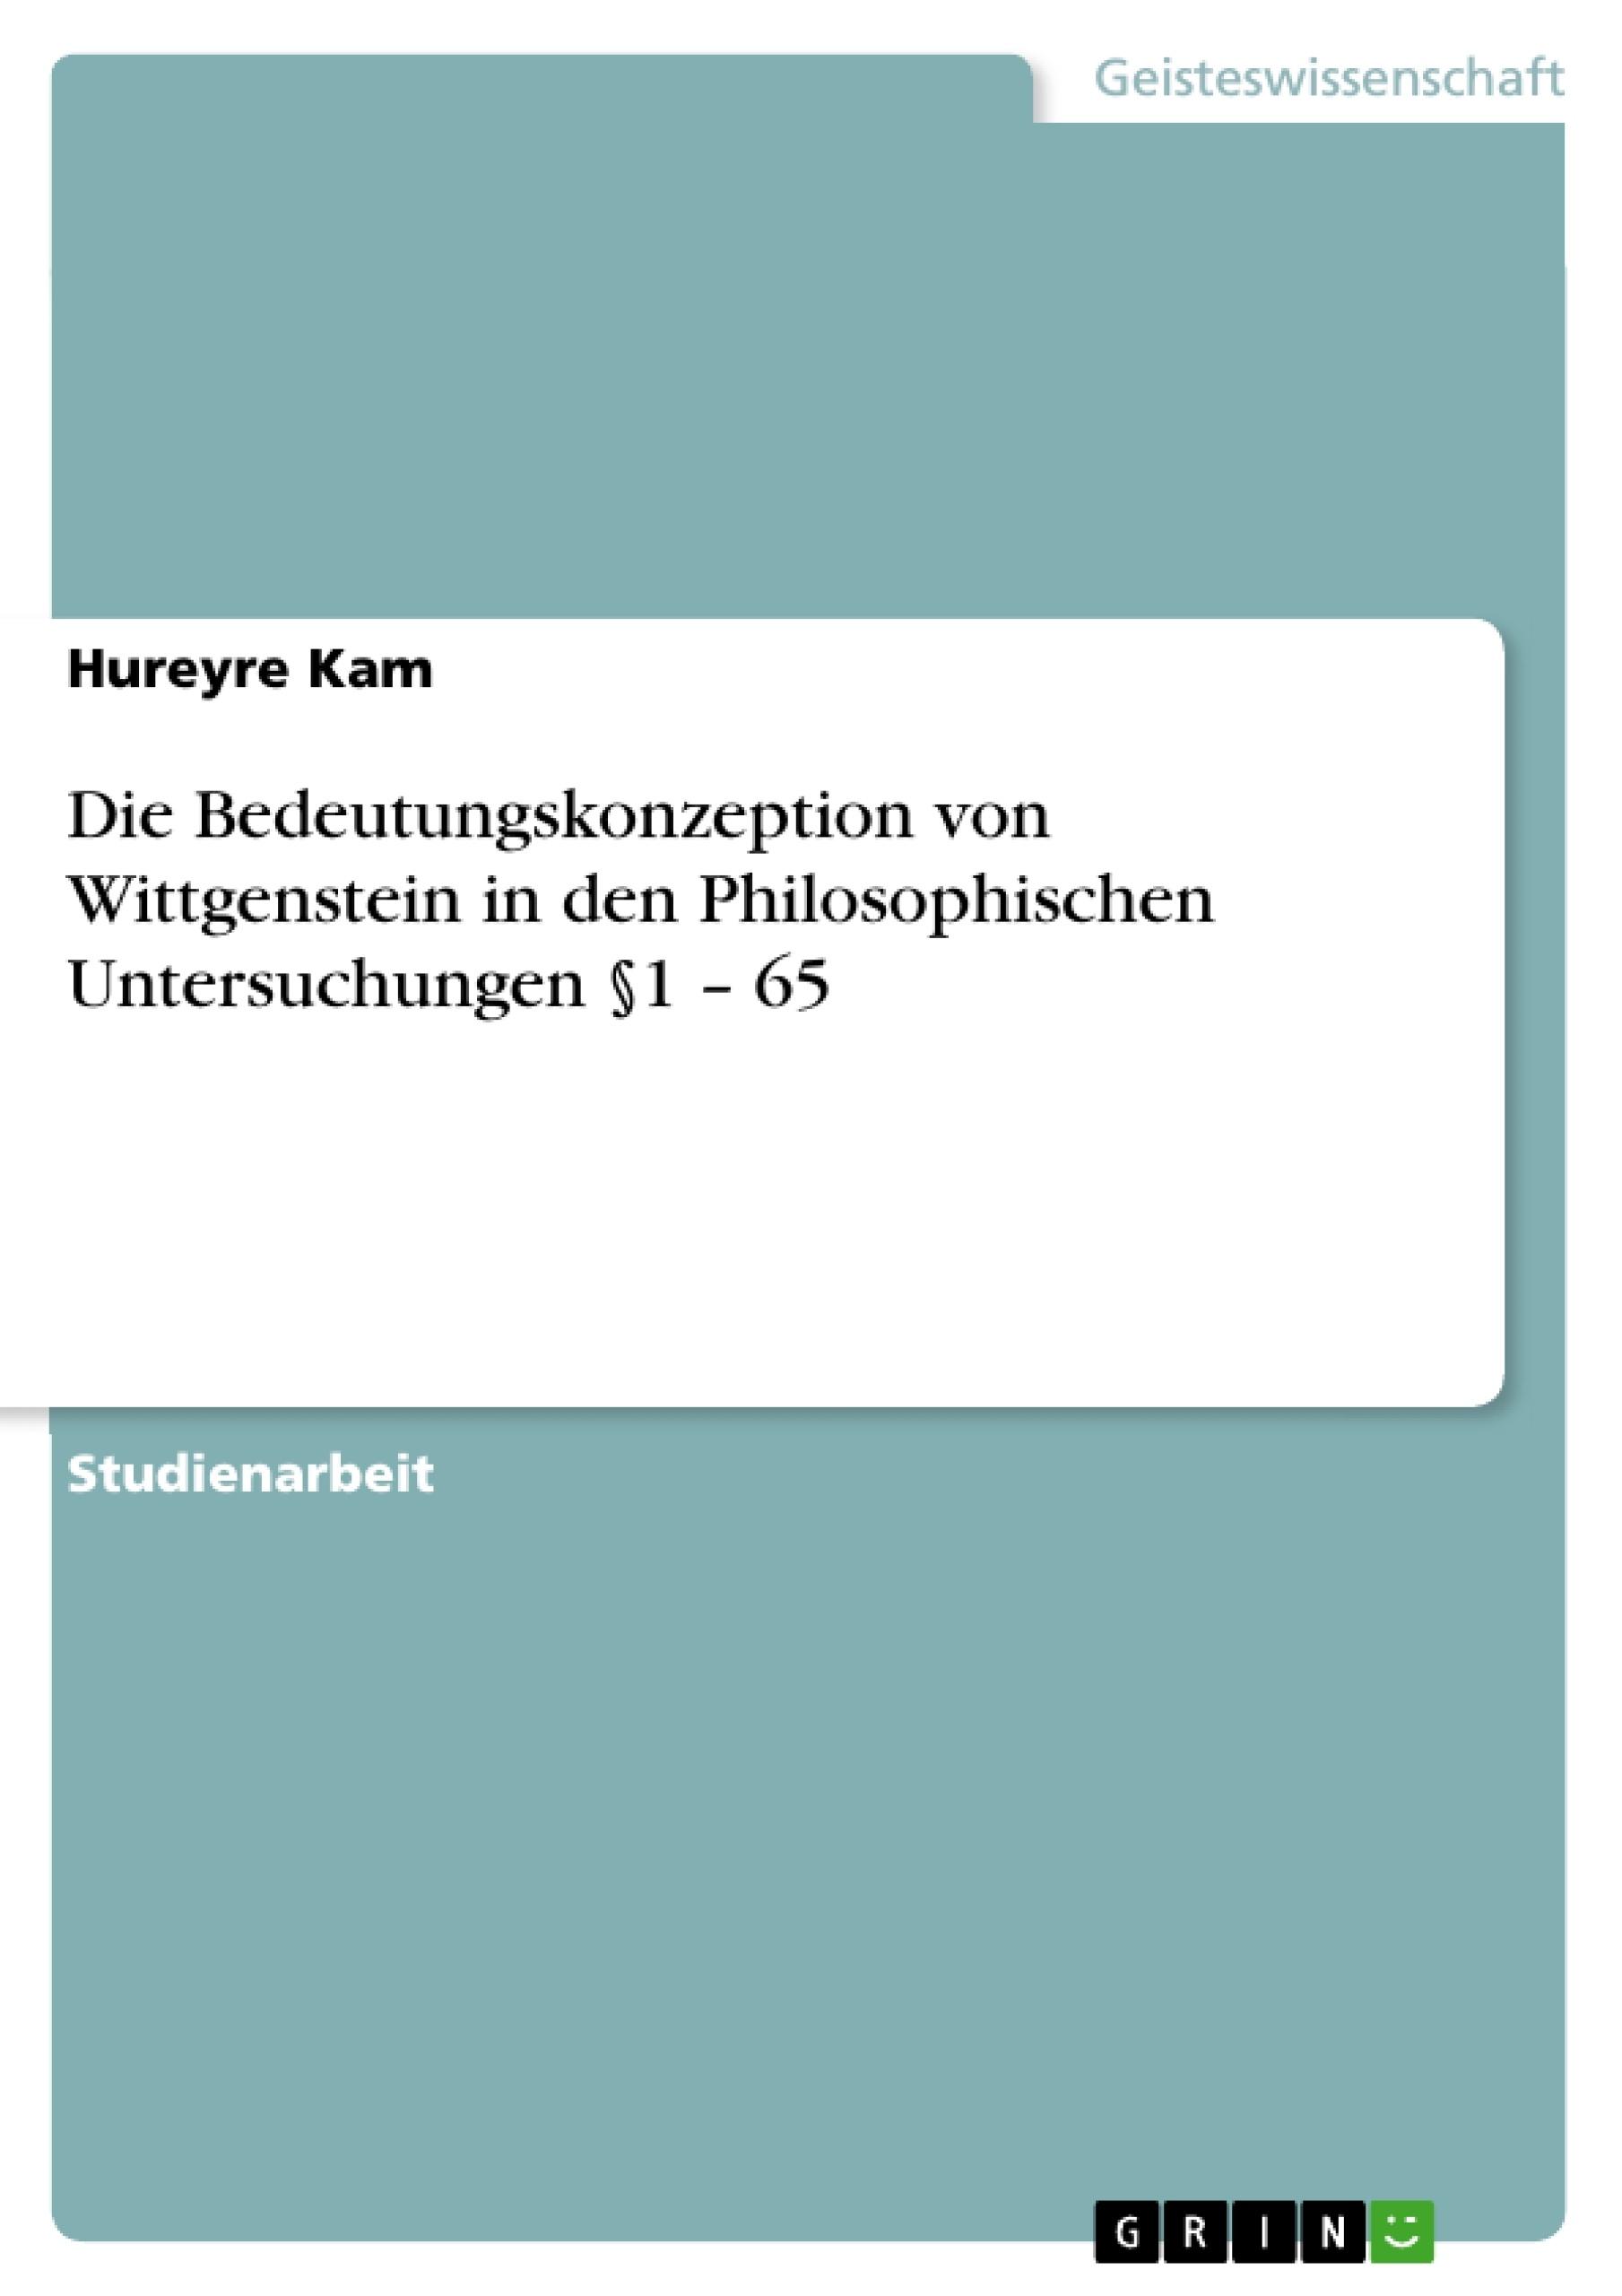 Titel: Die Bedeutungskonzeption von Wittgenstein in den Philosophischen Untersuchungen §1 – 65